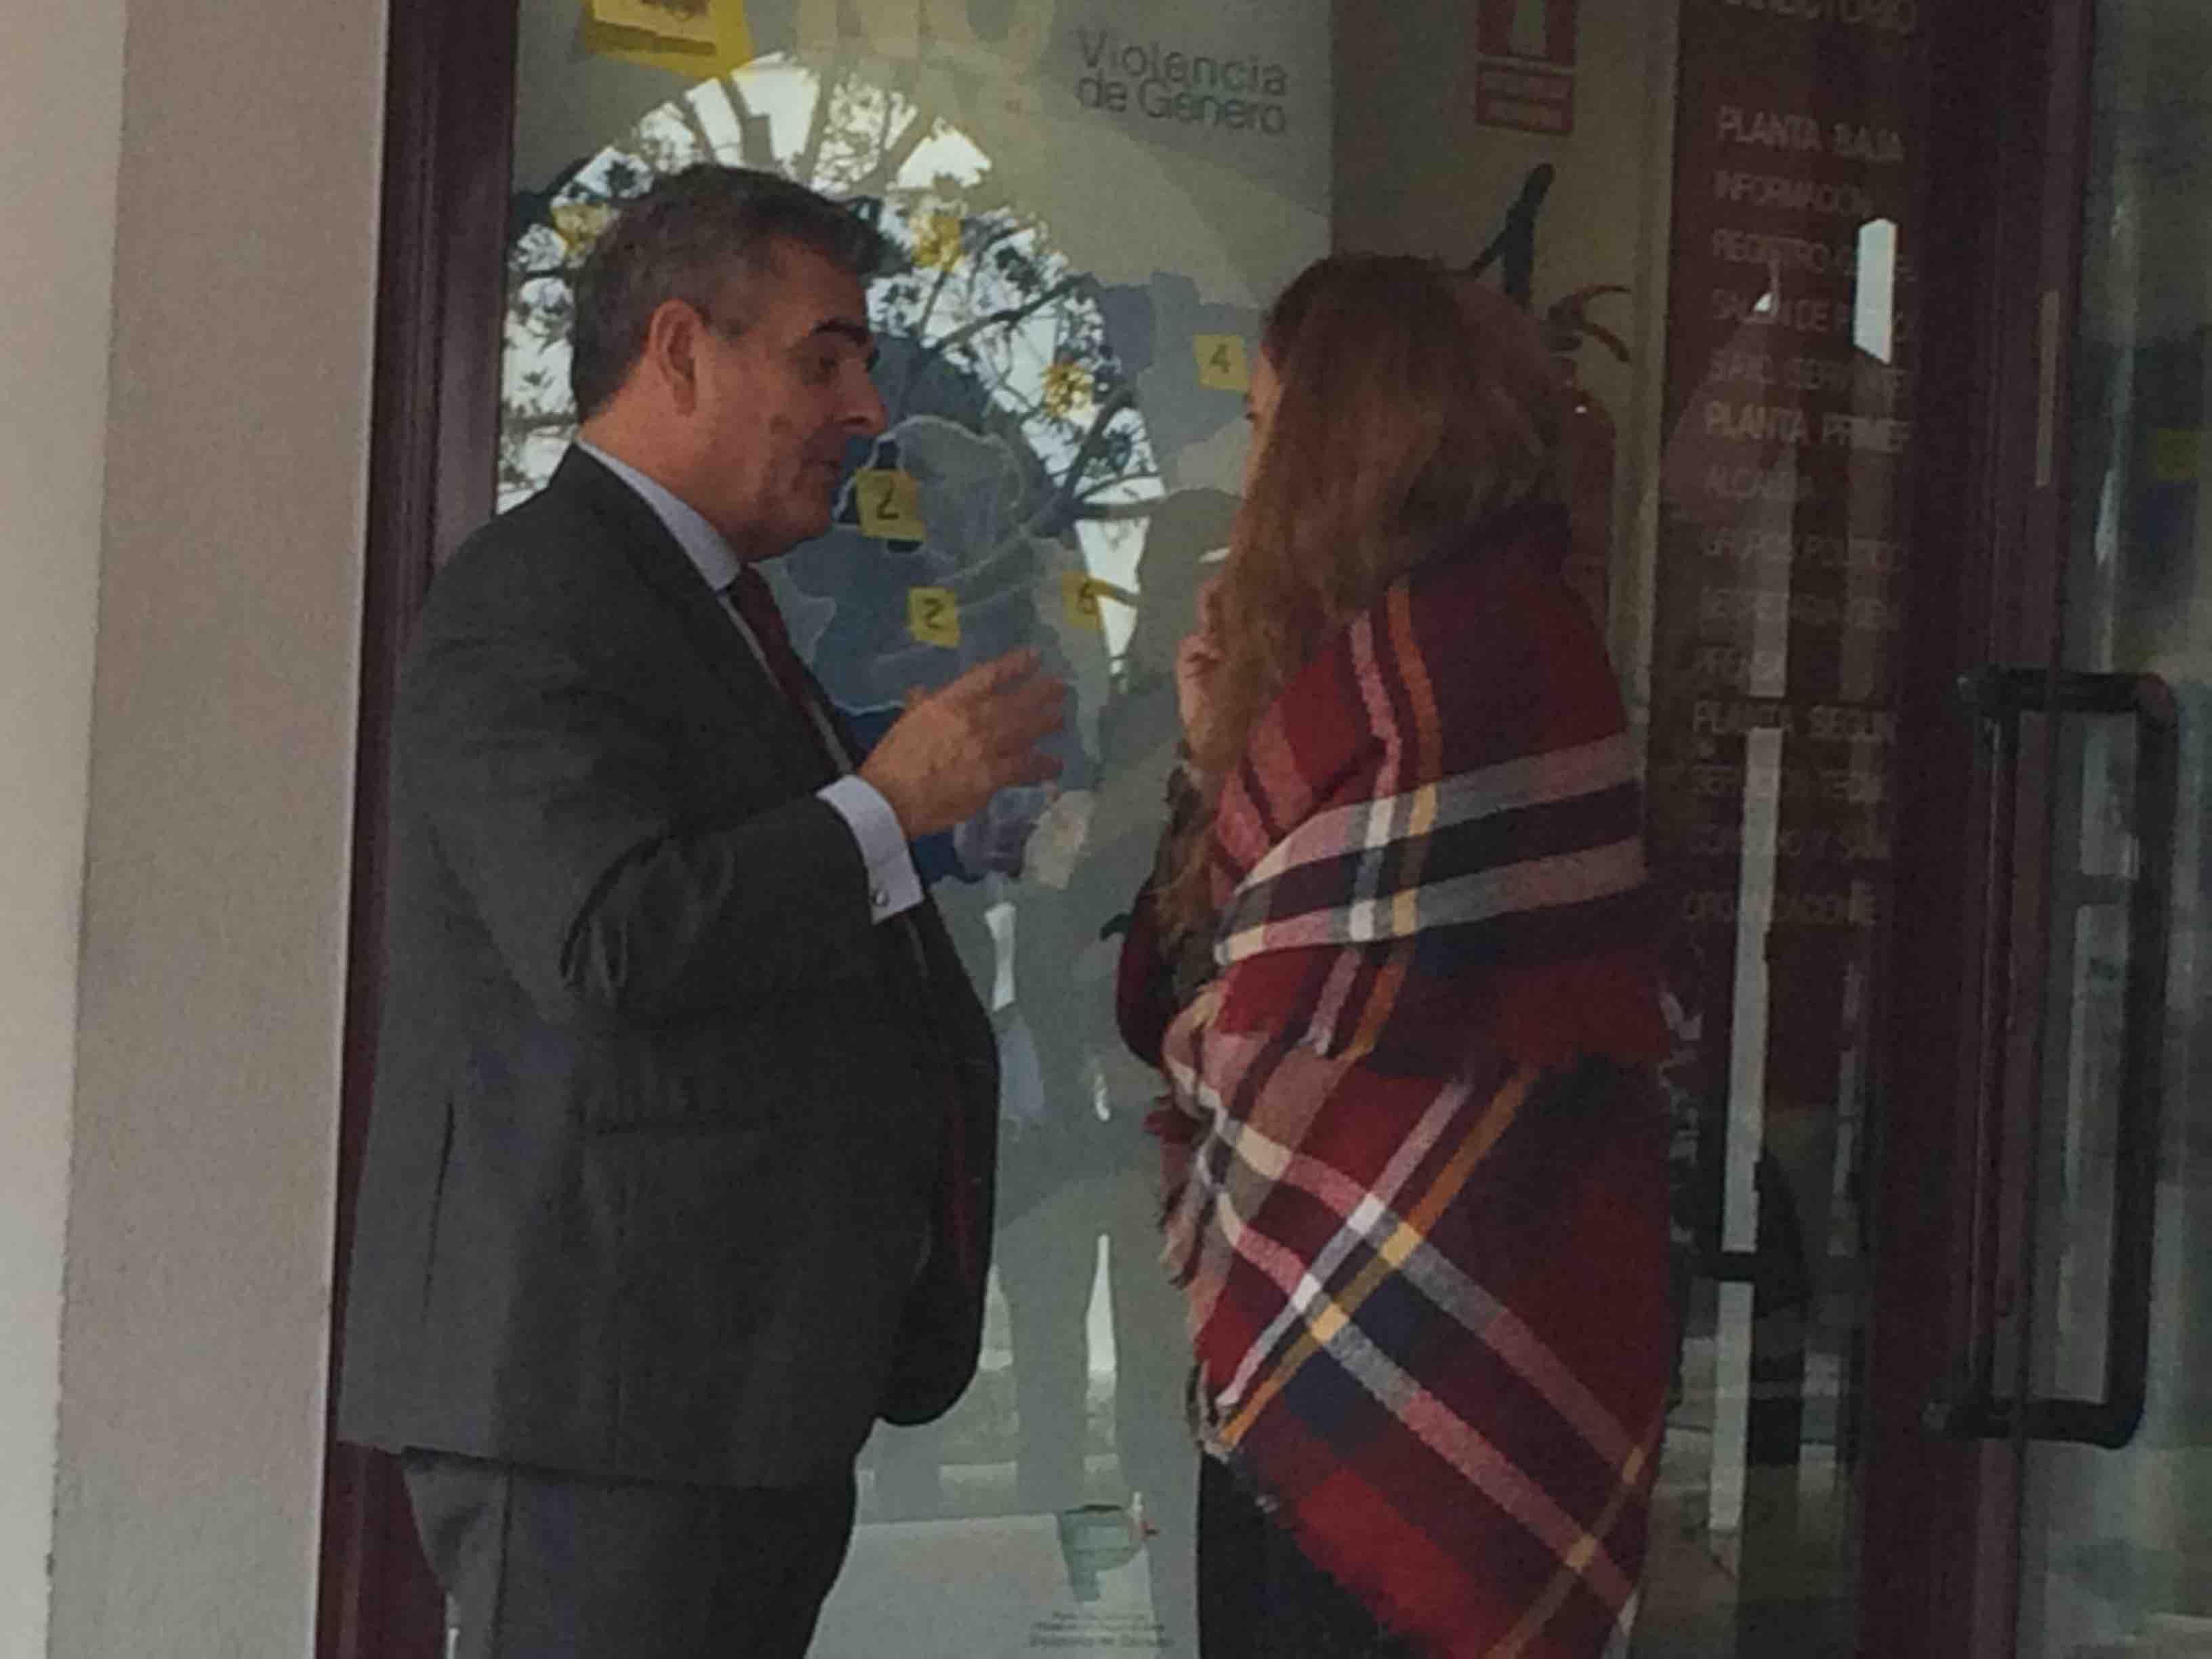 Foxá e Irene Salcedo dialogan en los soportales del Ayuntamiento tras la votación